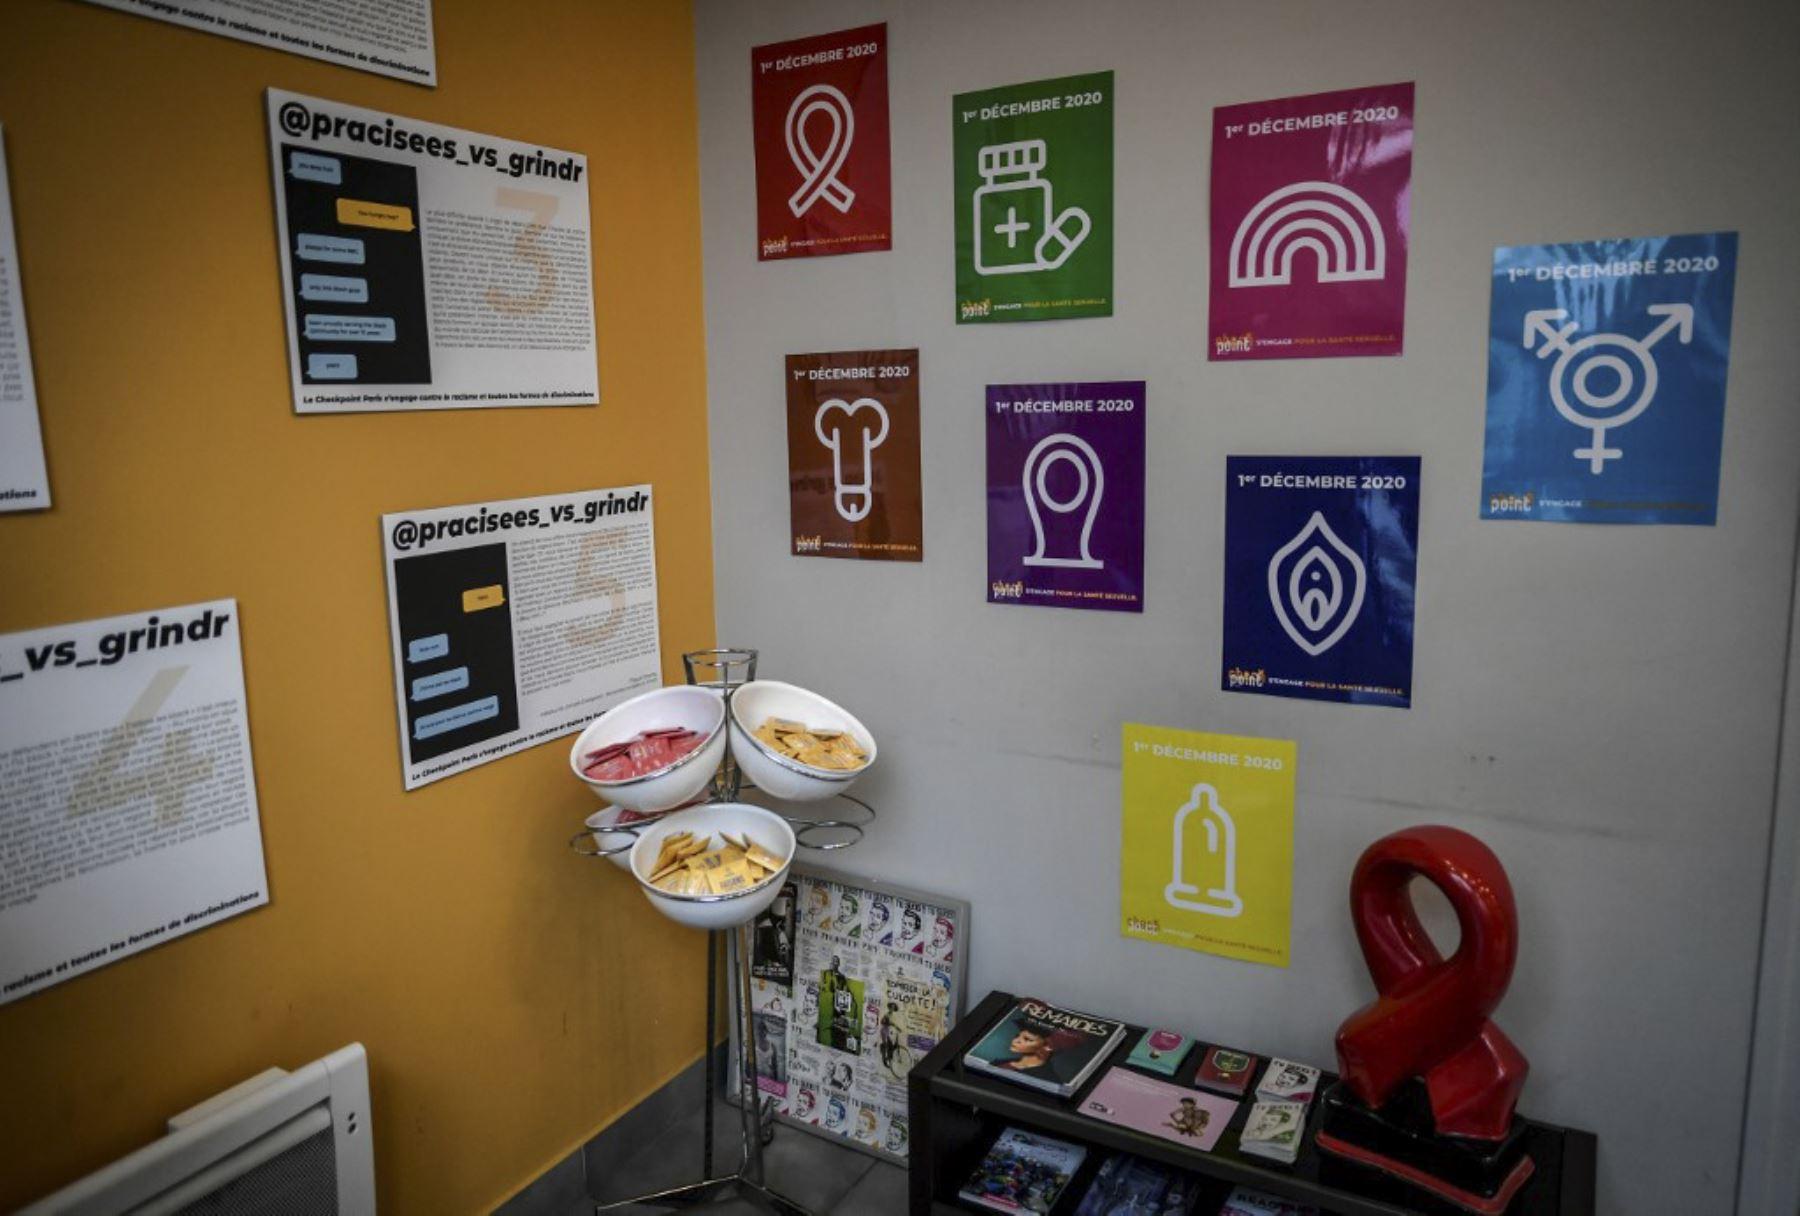 Una foto muestra las instalaciones del centro de prevención y detección CheckPoint de París en París, el 1 de diciembre de 2020. Foto: AFP